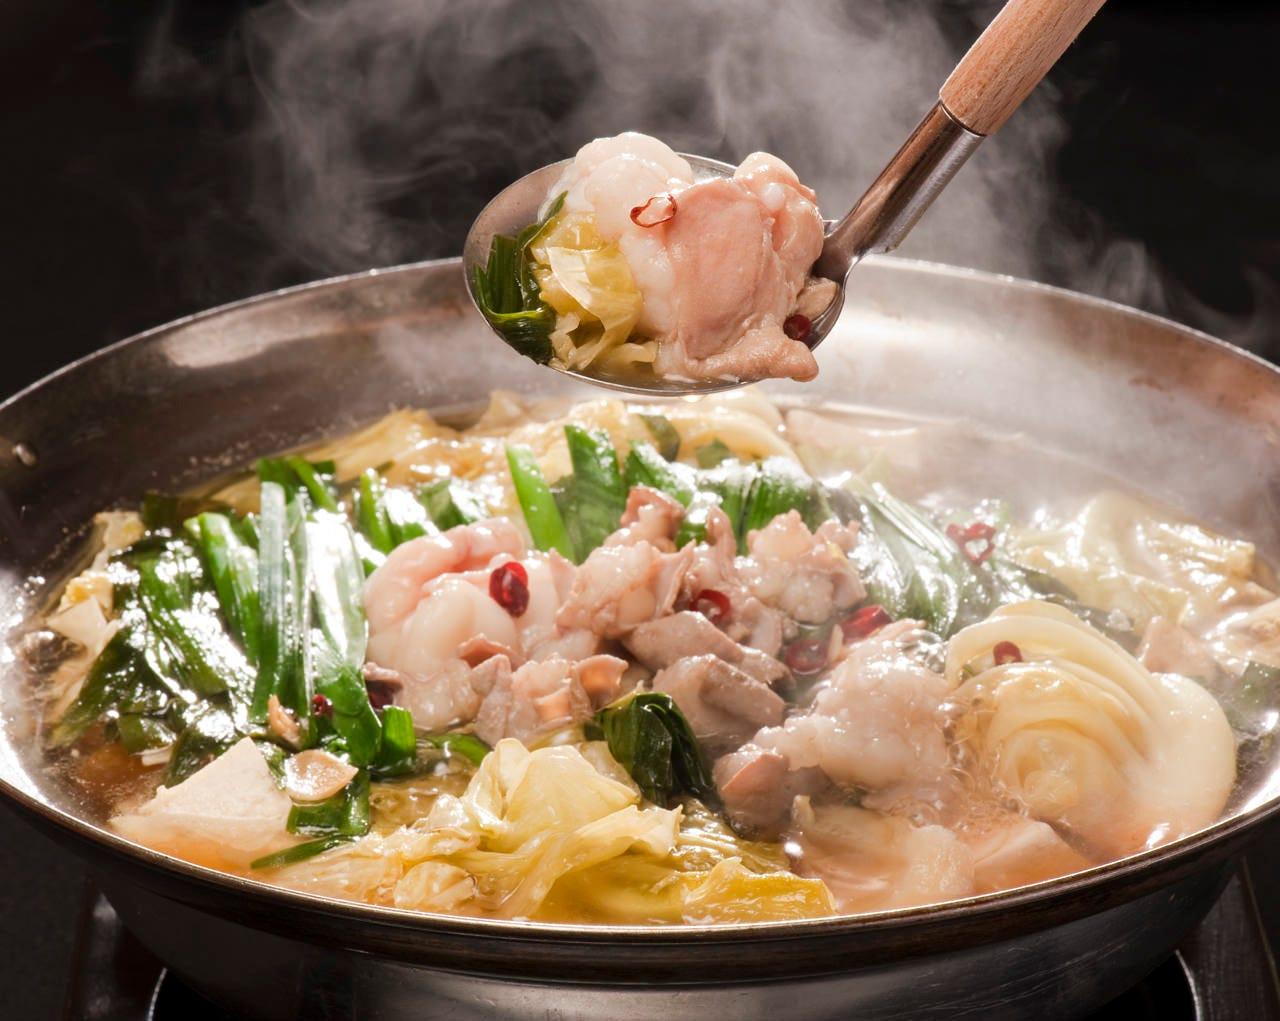 あっさりコク旨スープがクセになる 国産牛の小腸のみ使用です!